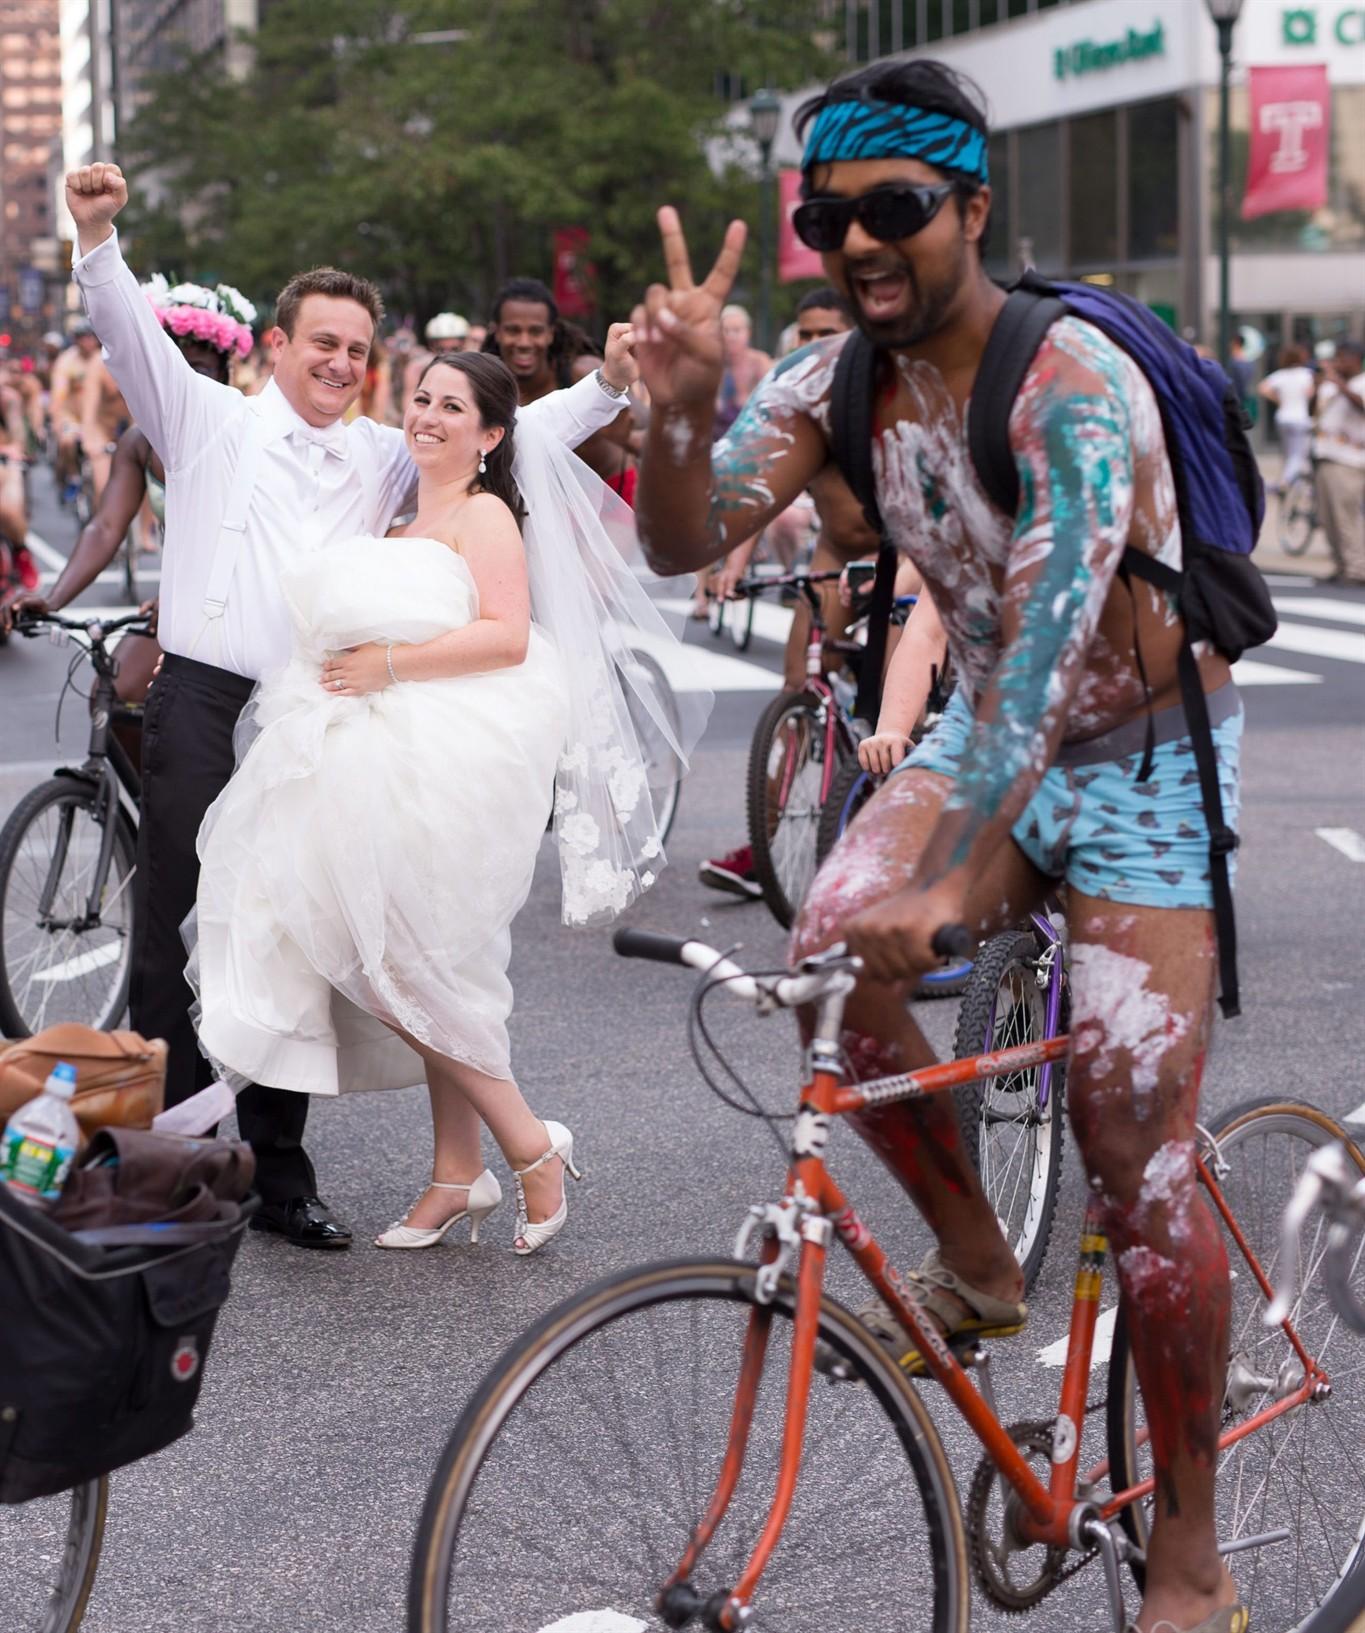 riders inphila bike naked